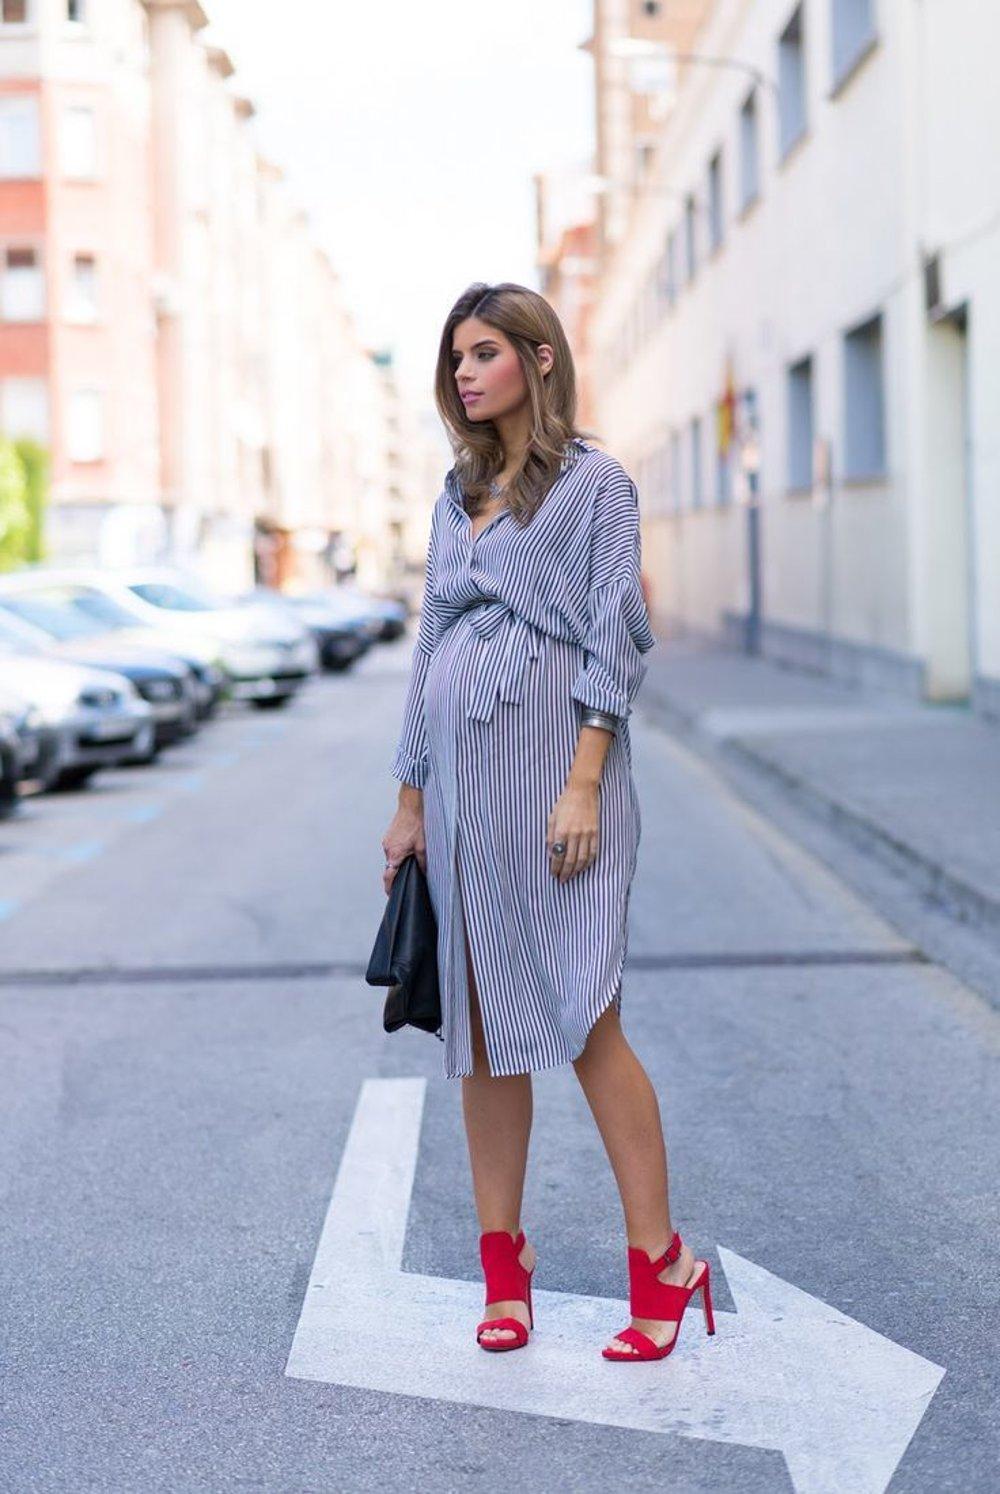 544186102f7b Ako sa obliecť v tehotenstve - fotogaléria - zena.sme.sk - Žena SME